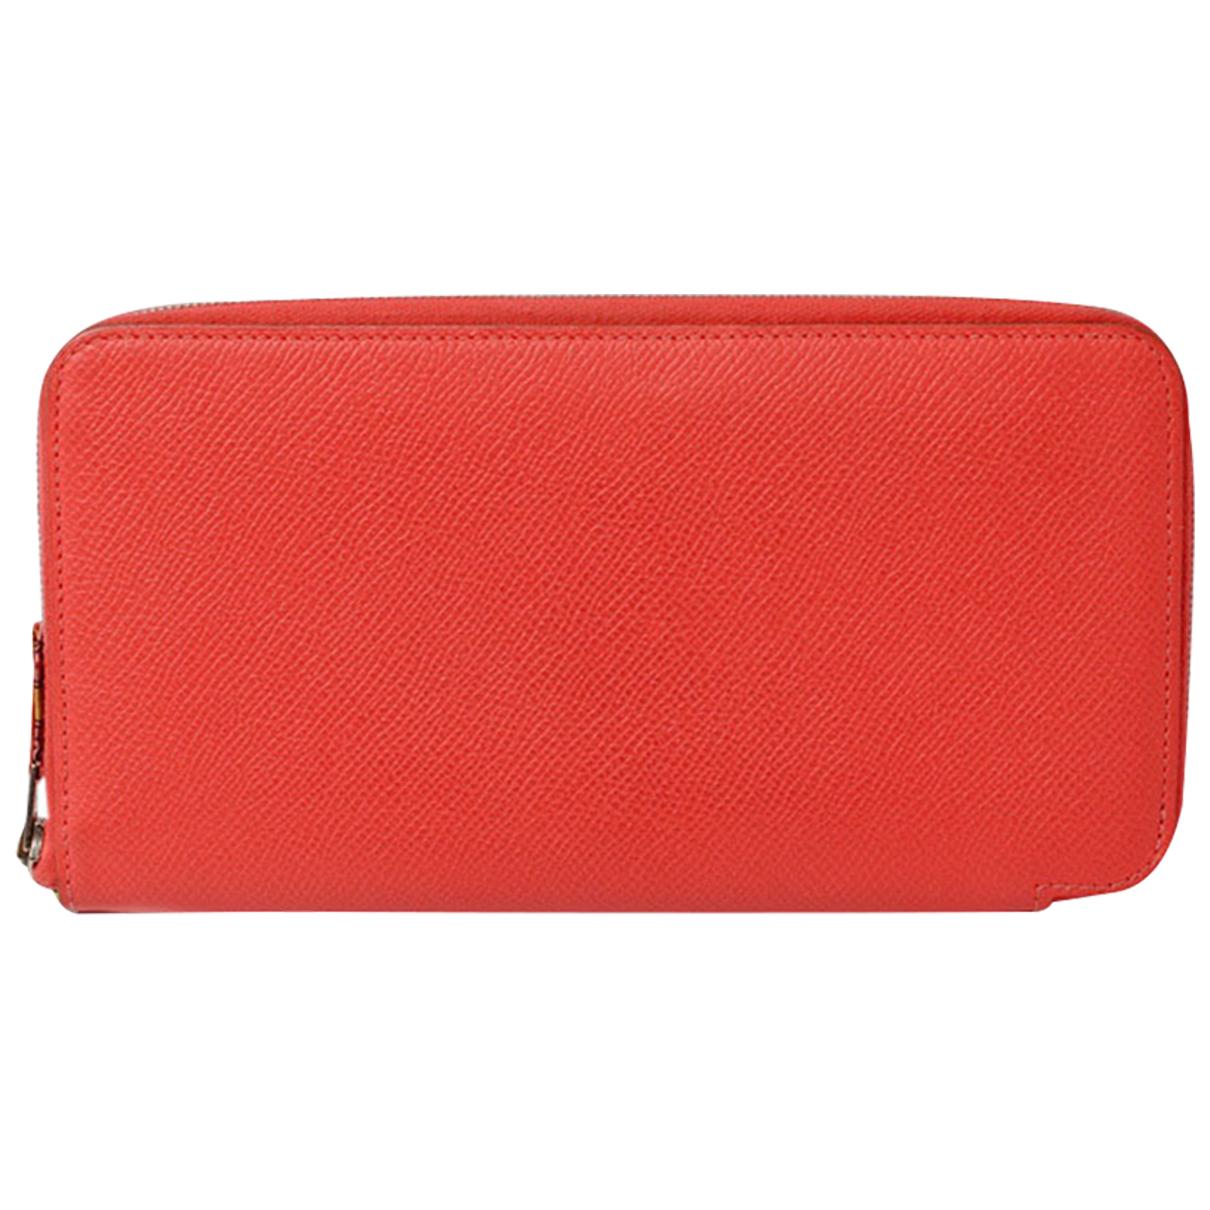 Hermes - Portefeuille Azap pour femme en cuir - rouge